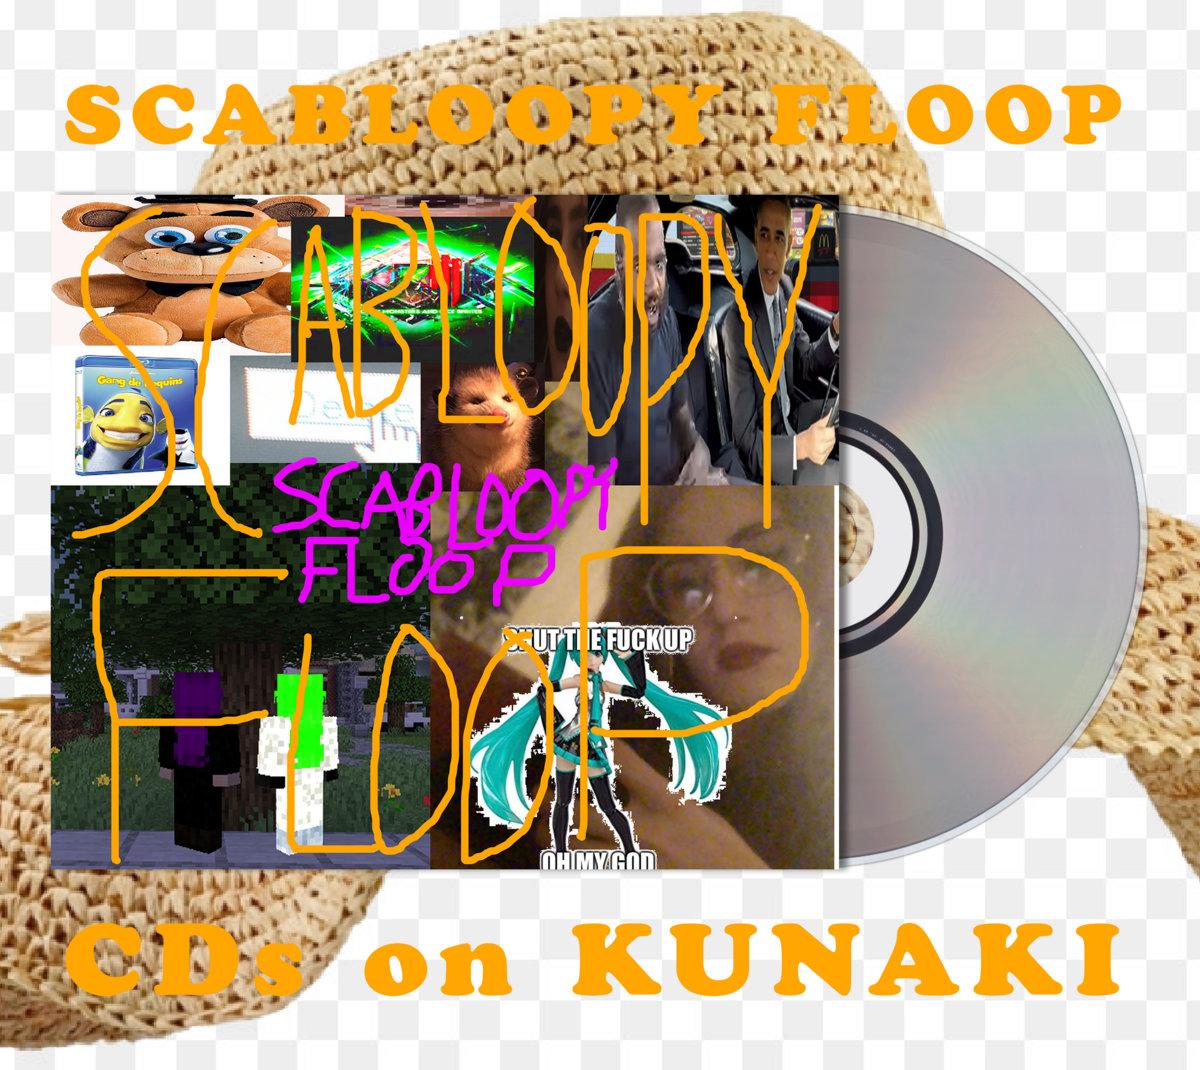 Scabloopy Floop CD